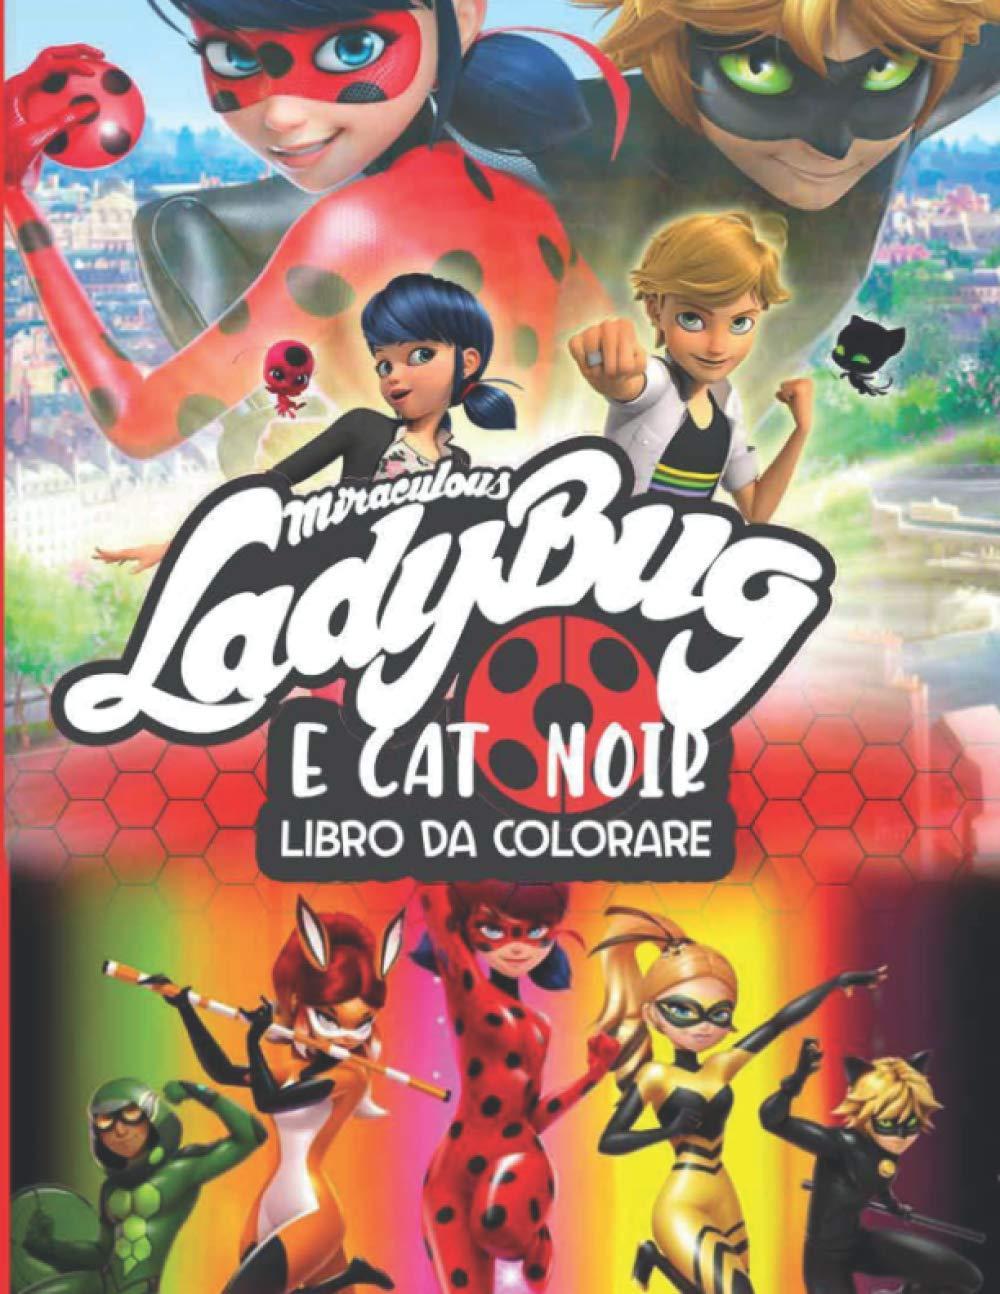 Amazon Com Miraculous Ladybug E Cat Noir Libro Da Colorare Disegni Da Colorare Di Alta Qualita Per Bambini 3 5 Italian Edition 9798690354770 Publishing Joybook Books